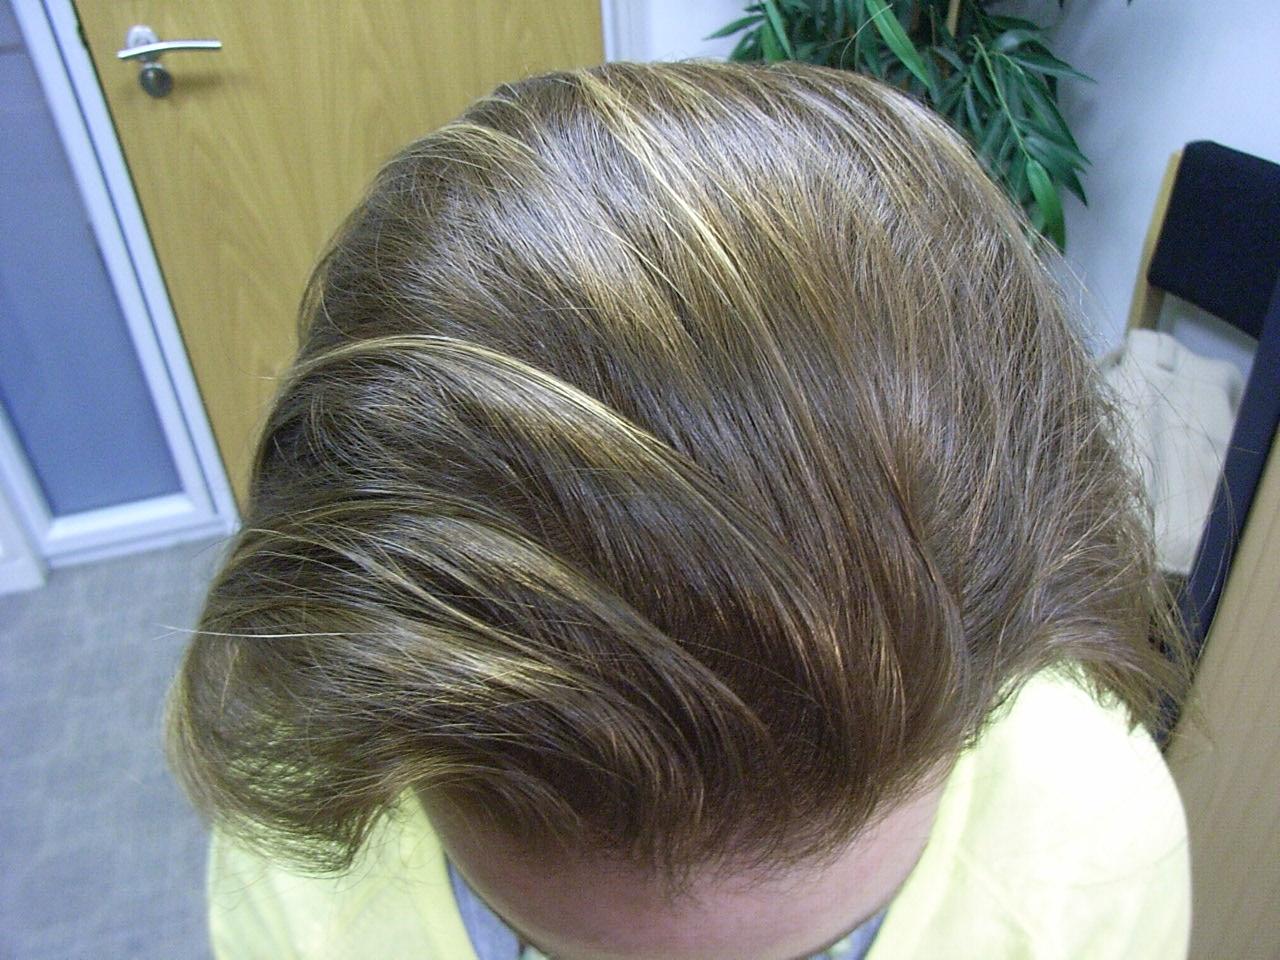 Alopecia in women: types, treatment. Androgenic Alopecia in Women 37